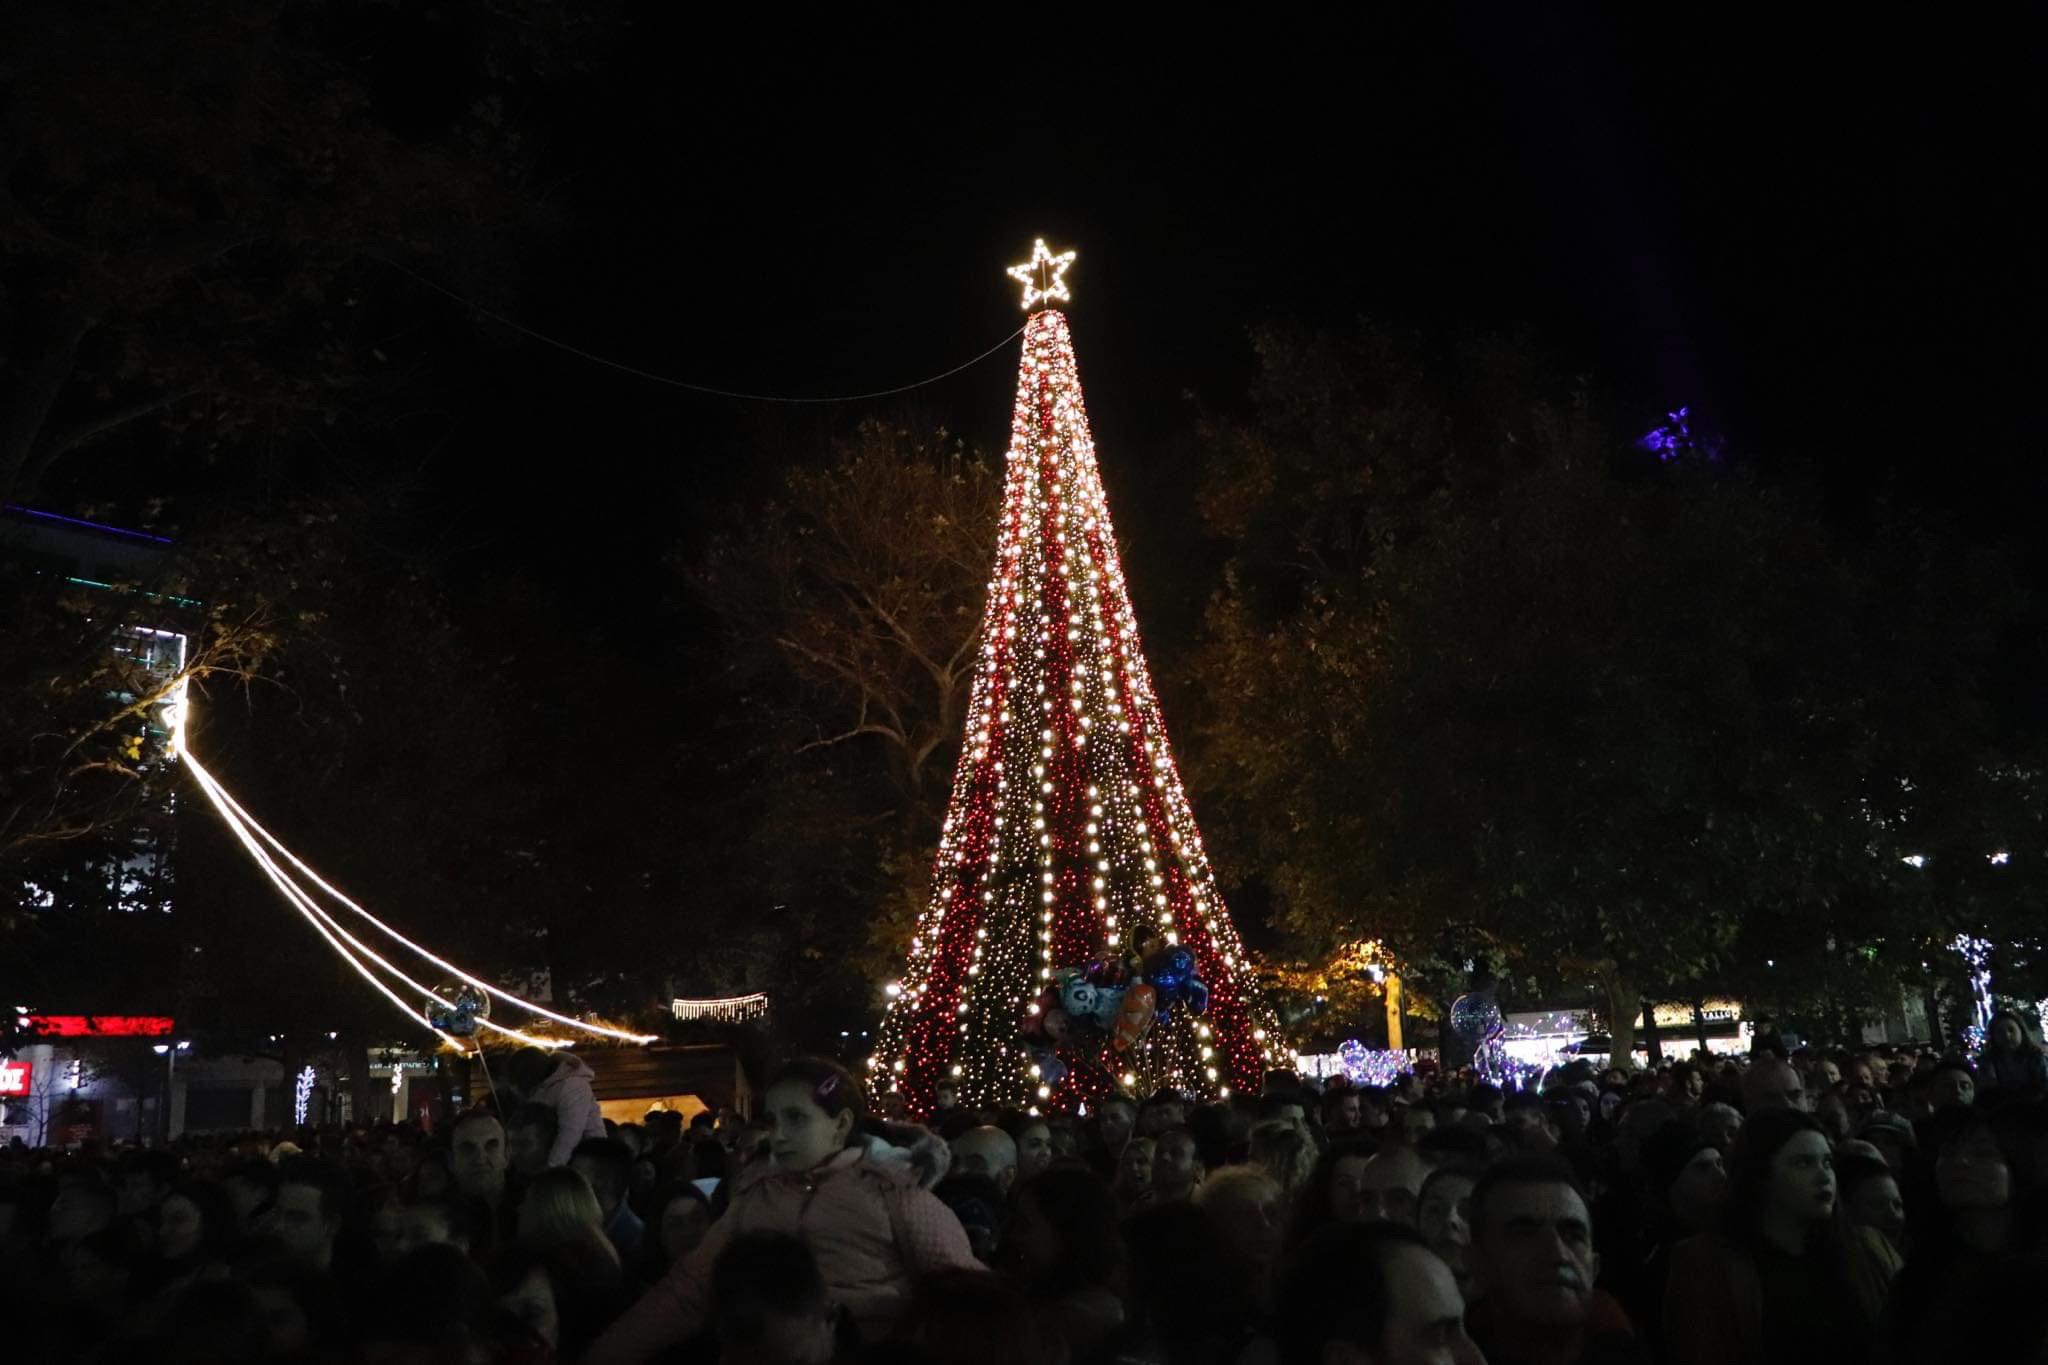 Φωτίστηκε το Χριστουγεννιάτικο Δέντρο στη Λάρισα!- Πλήθος κόσμου χόρεψε σε ρυθμούς Stavento – ΦΩΤΟ